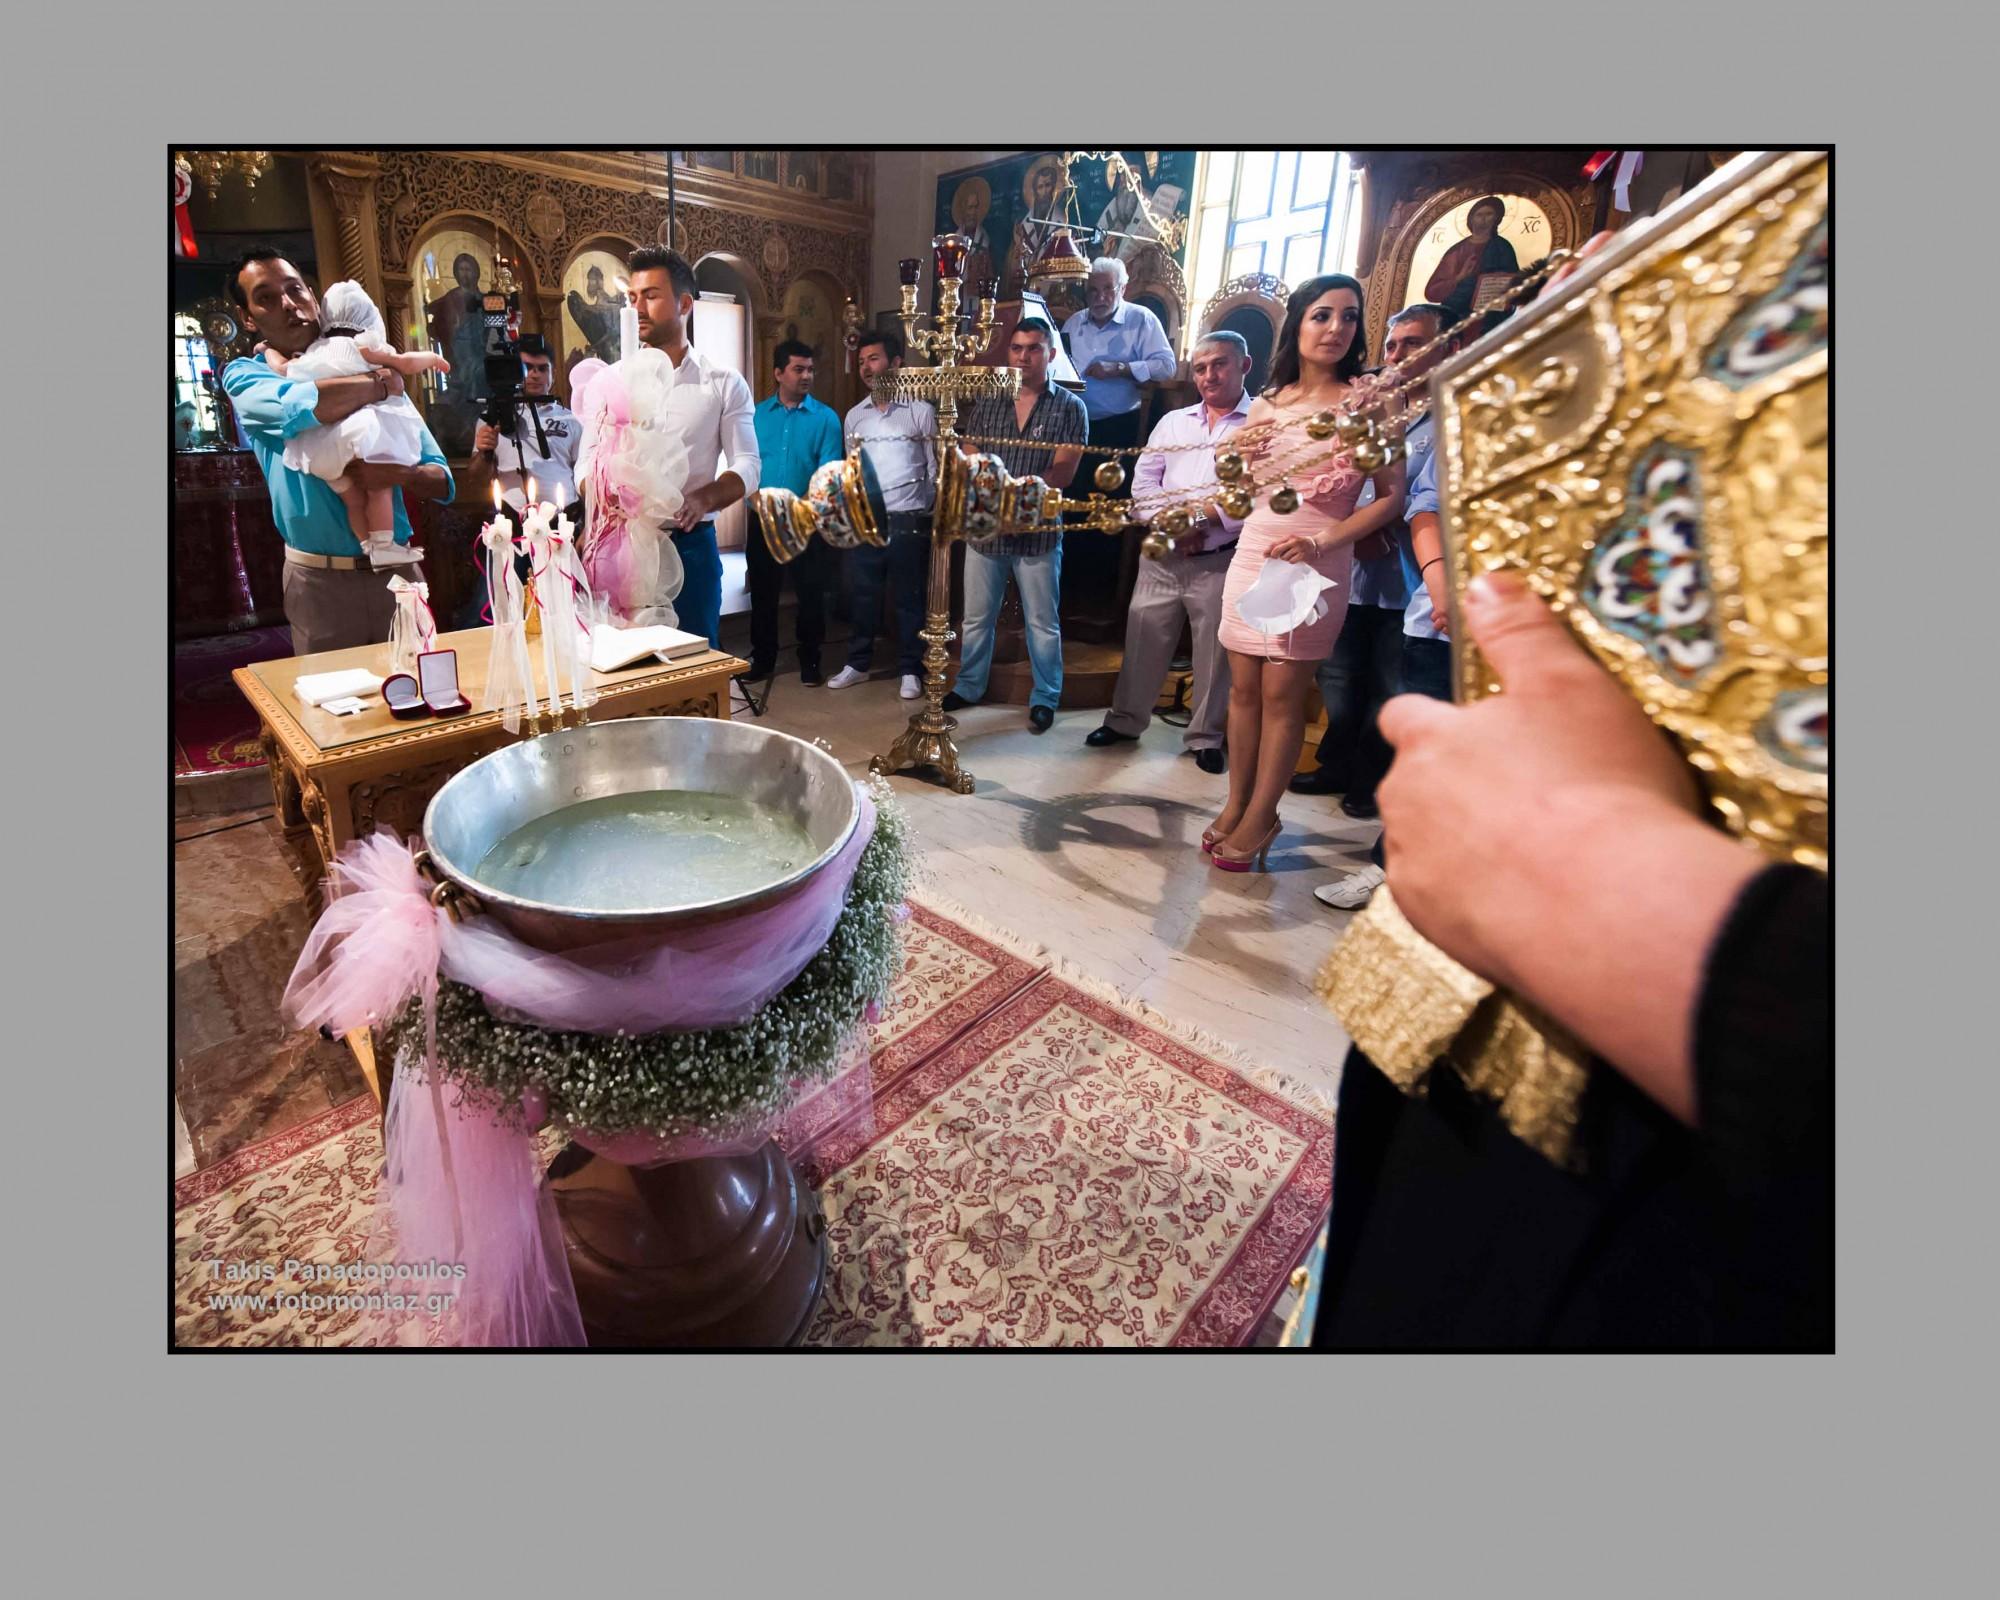 φωτογραφοι- βαπτισης -φωτογραφιες- βαπτισεων-βαπτιση της - παρασκευουλας